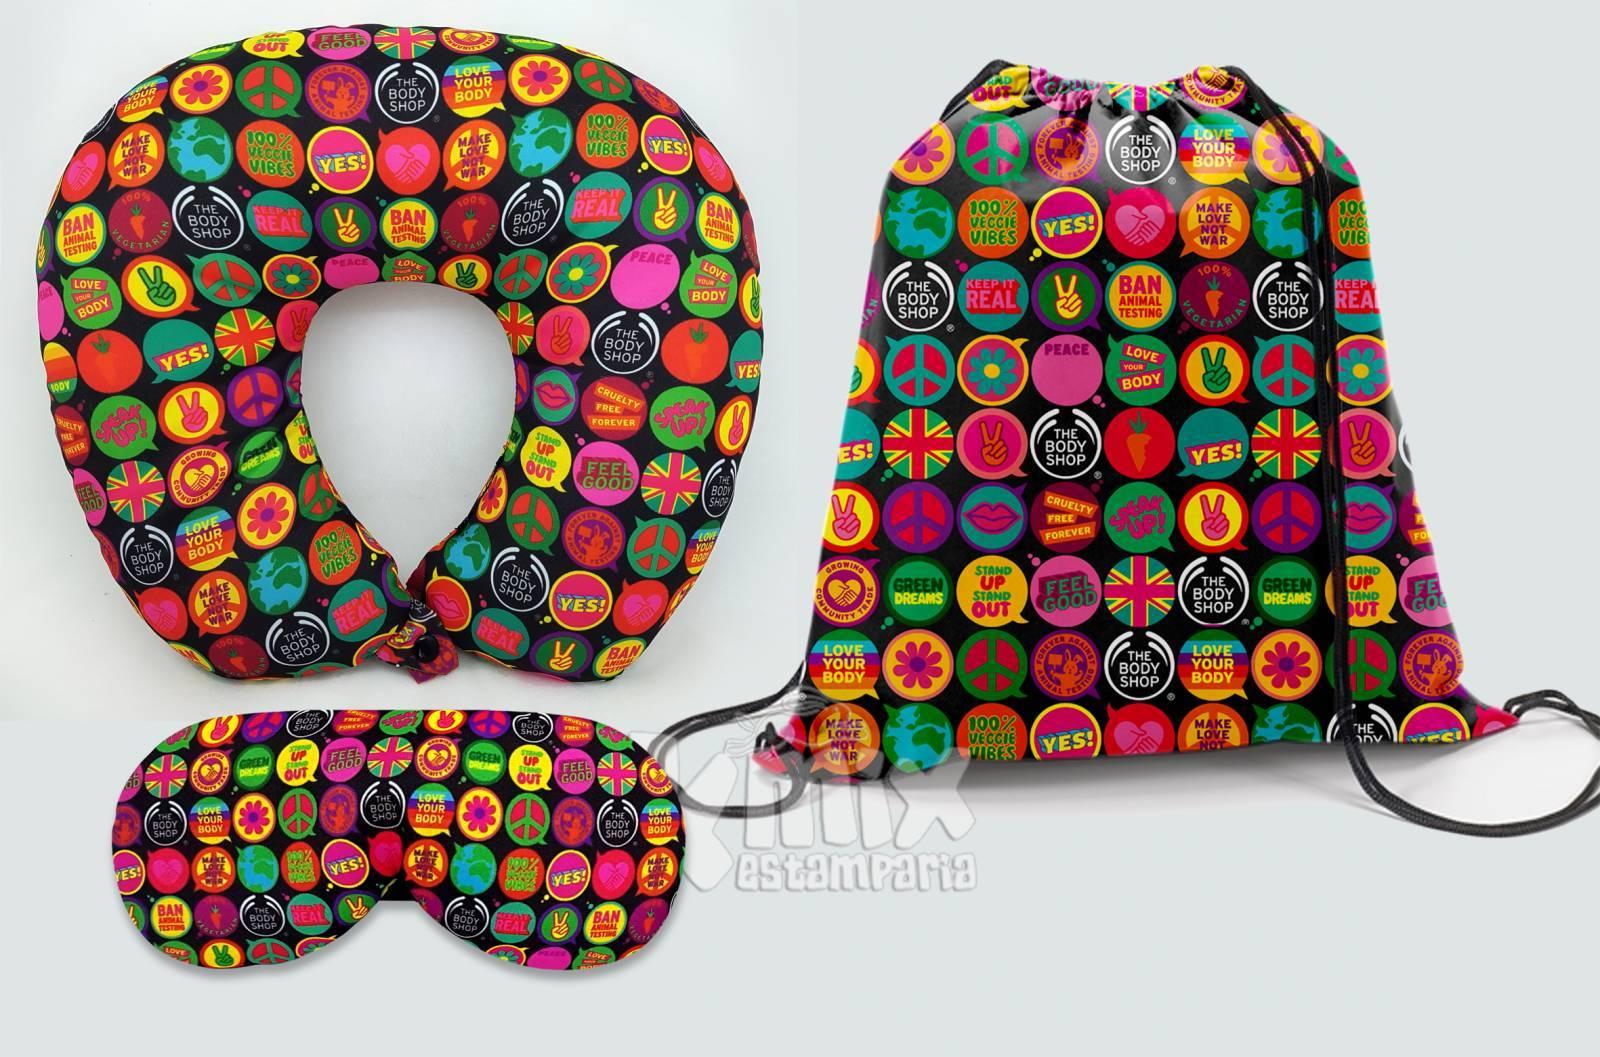 Kit Almofada de pescoço, máscara de dormir e sacola 37x41 cm